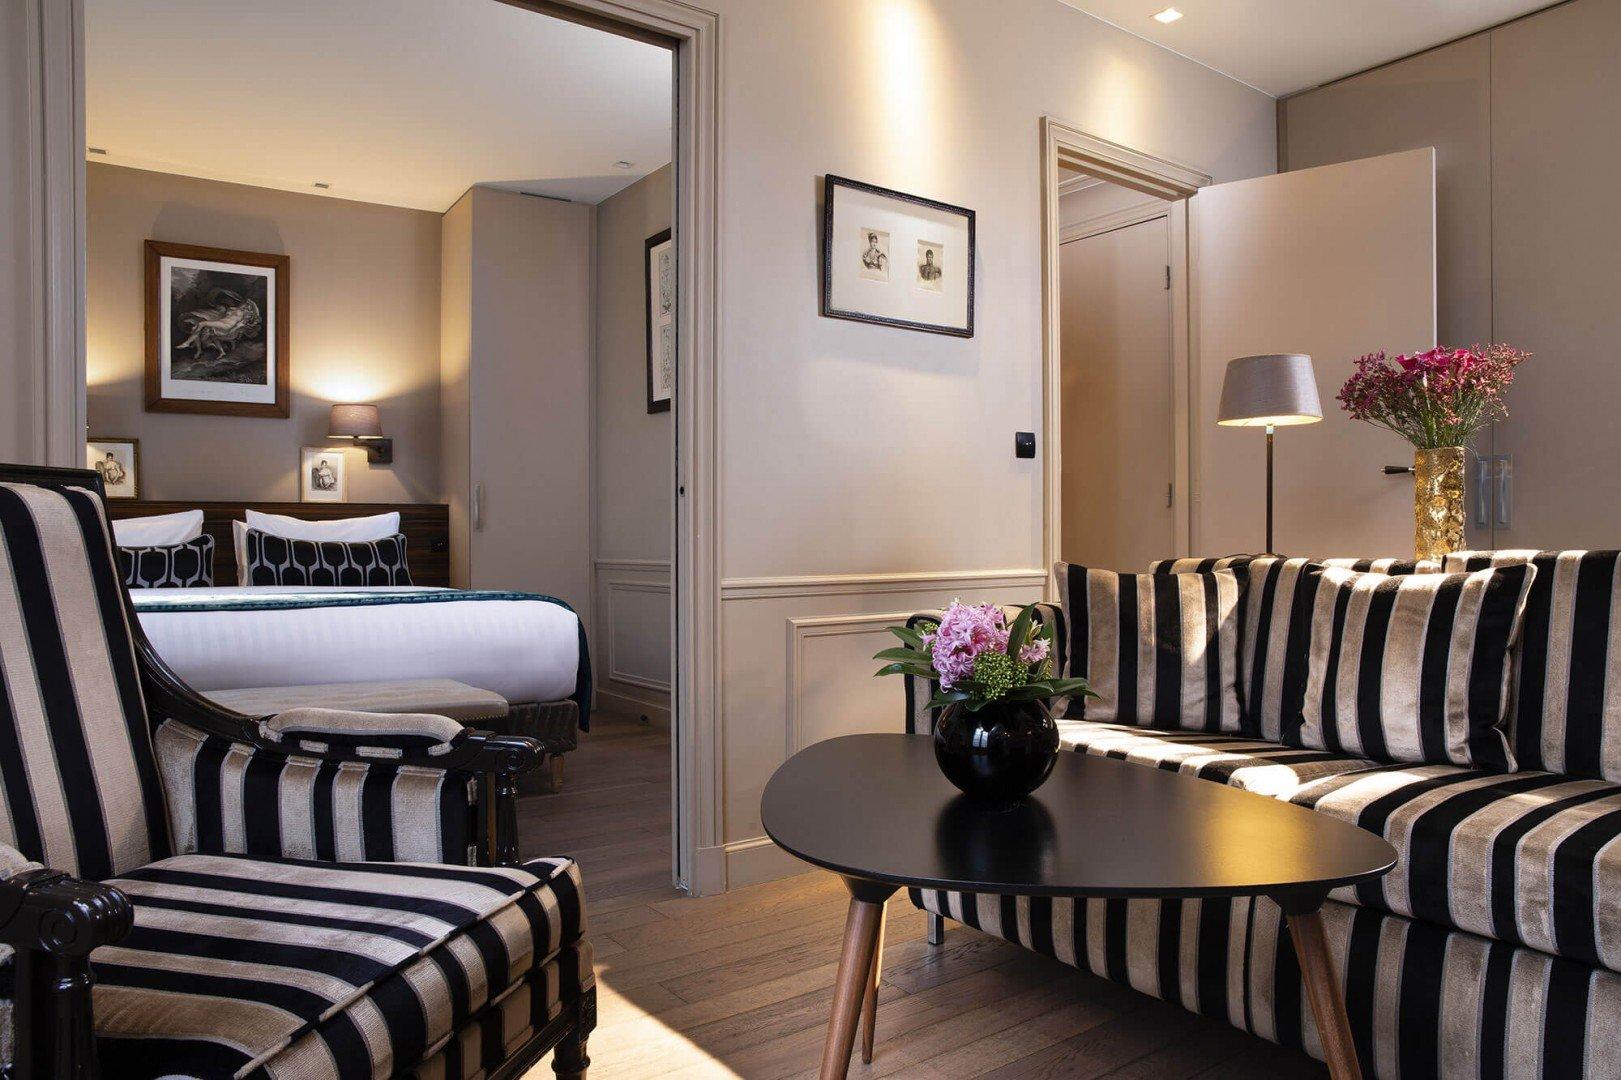 Galerie - Hotel & Spa La Belle Juliette - Hôtel 4 étoiles Paris